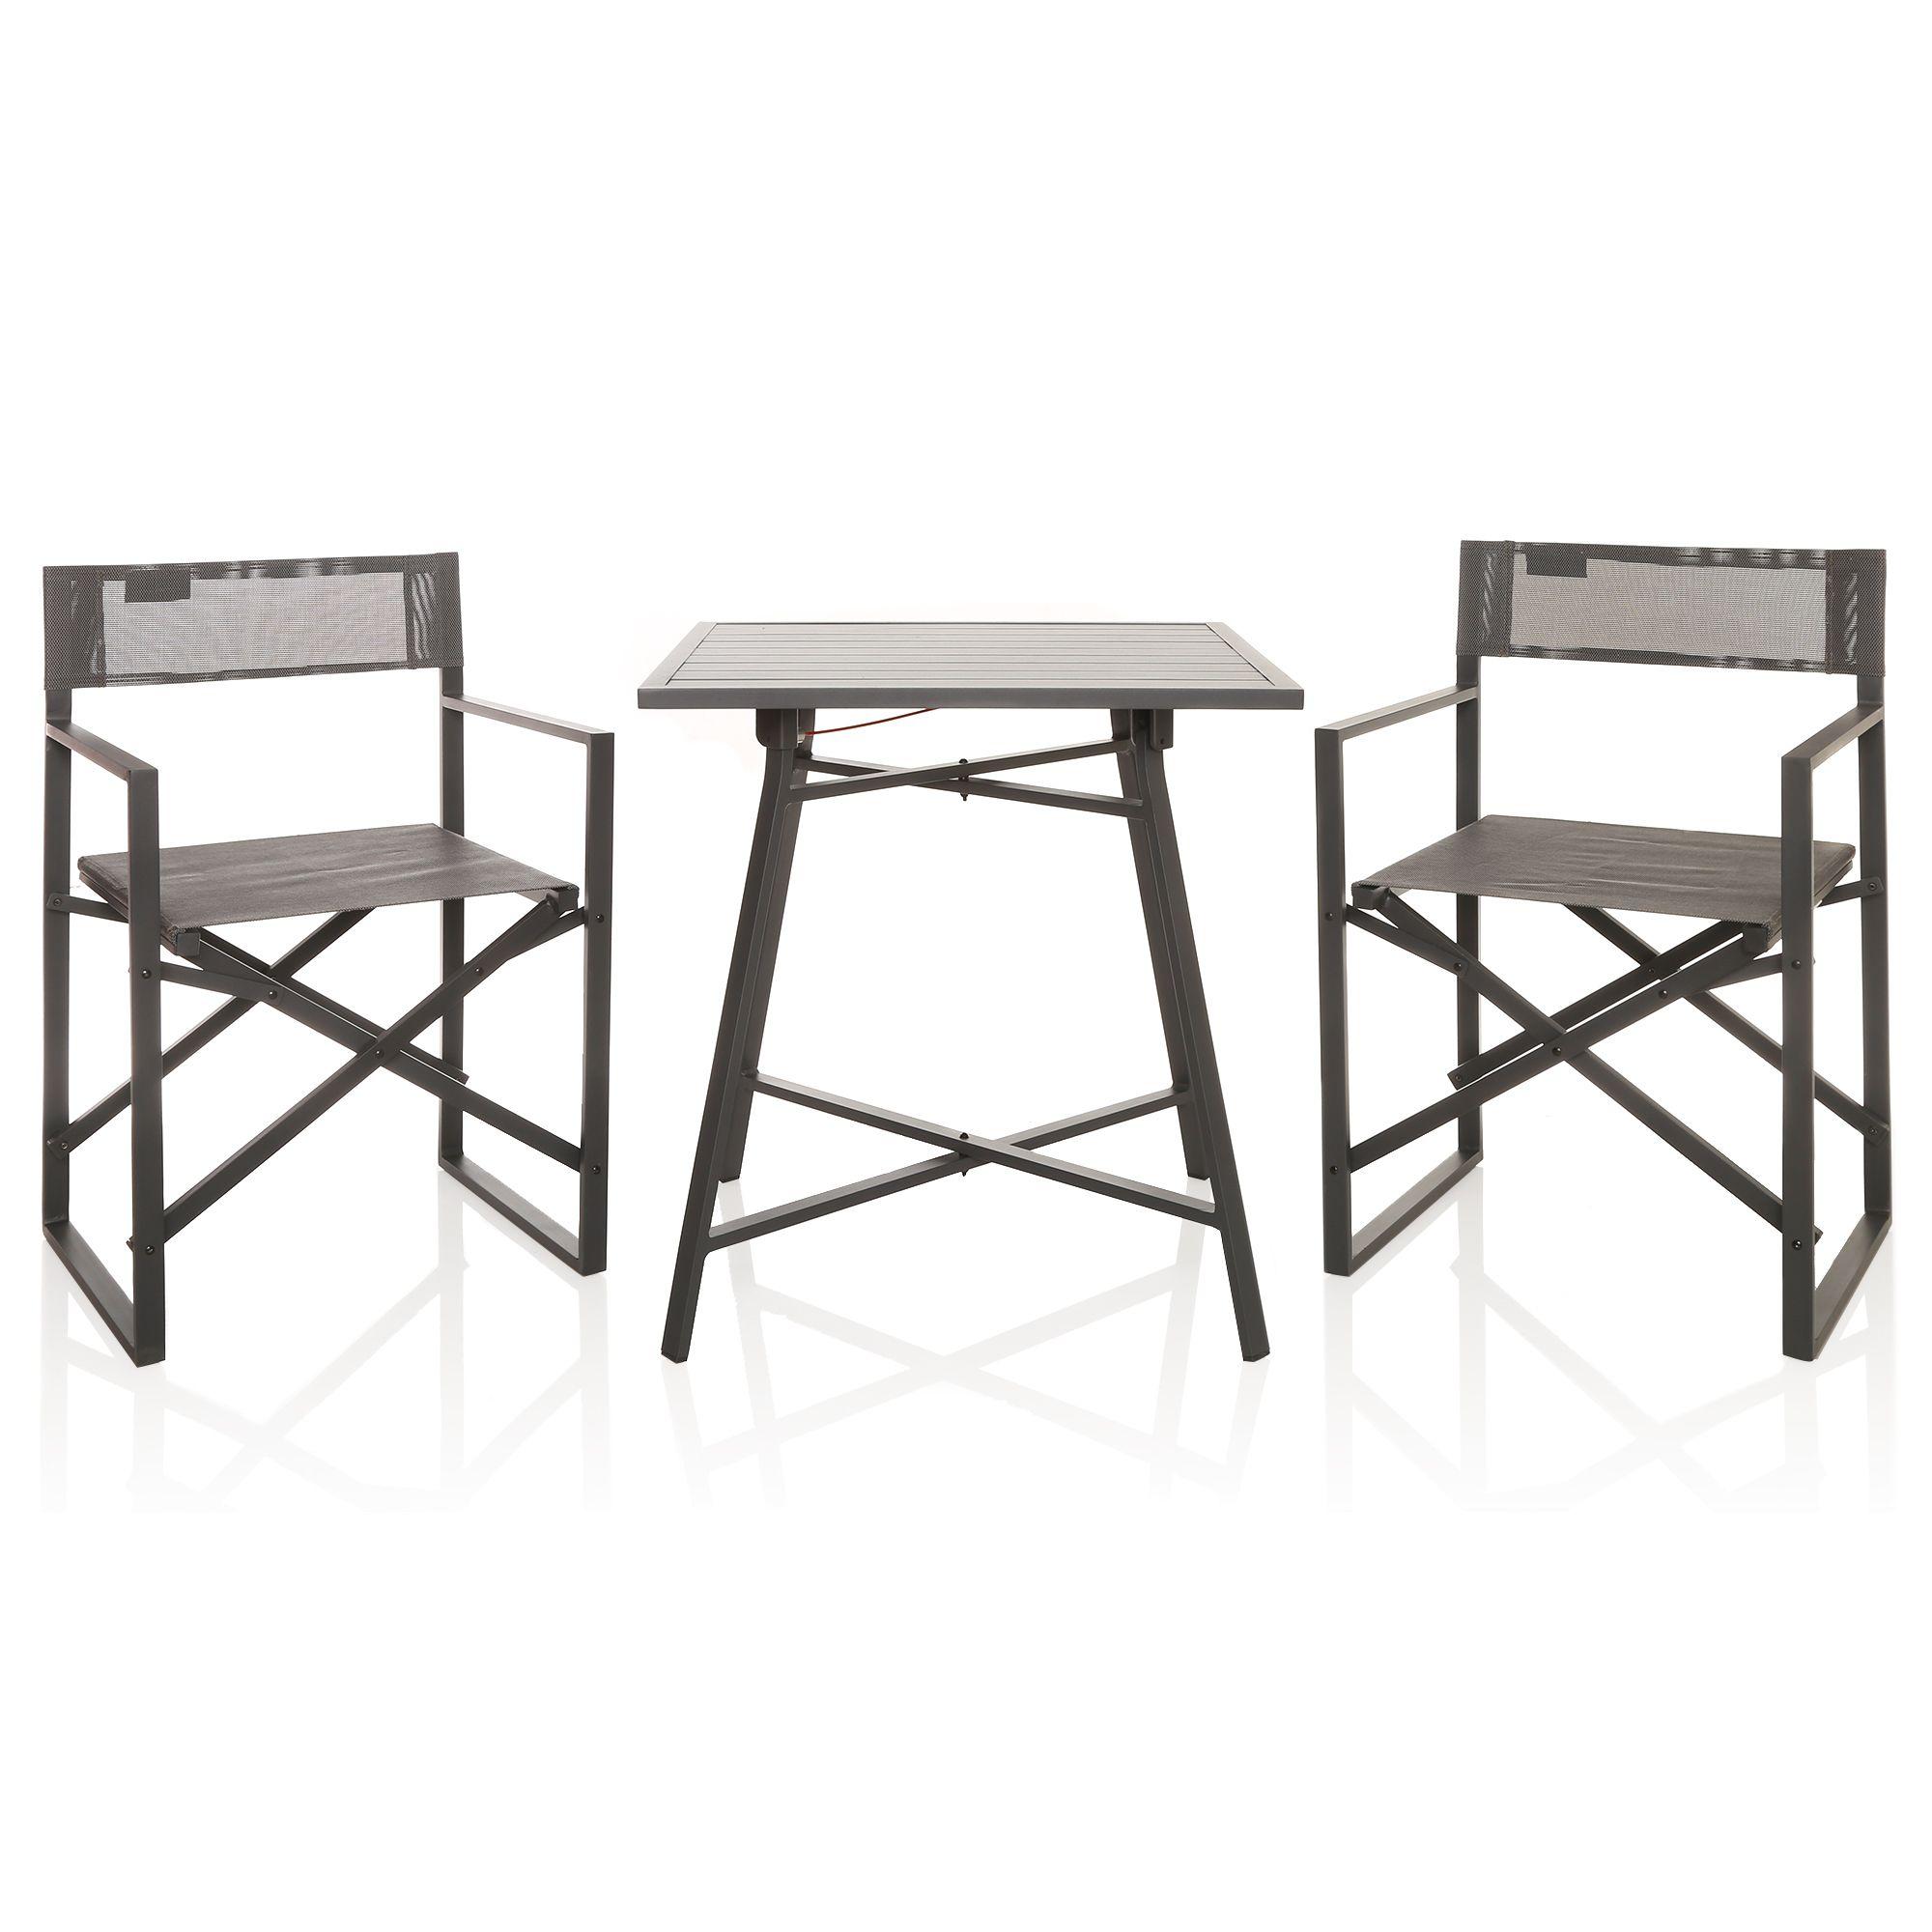 Westfield Balkon Set 2 Stühle 1 Tisch Faltbar Alutextil Qvc De